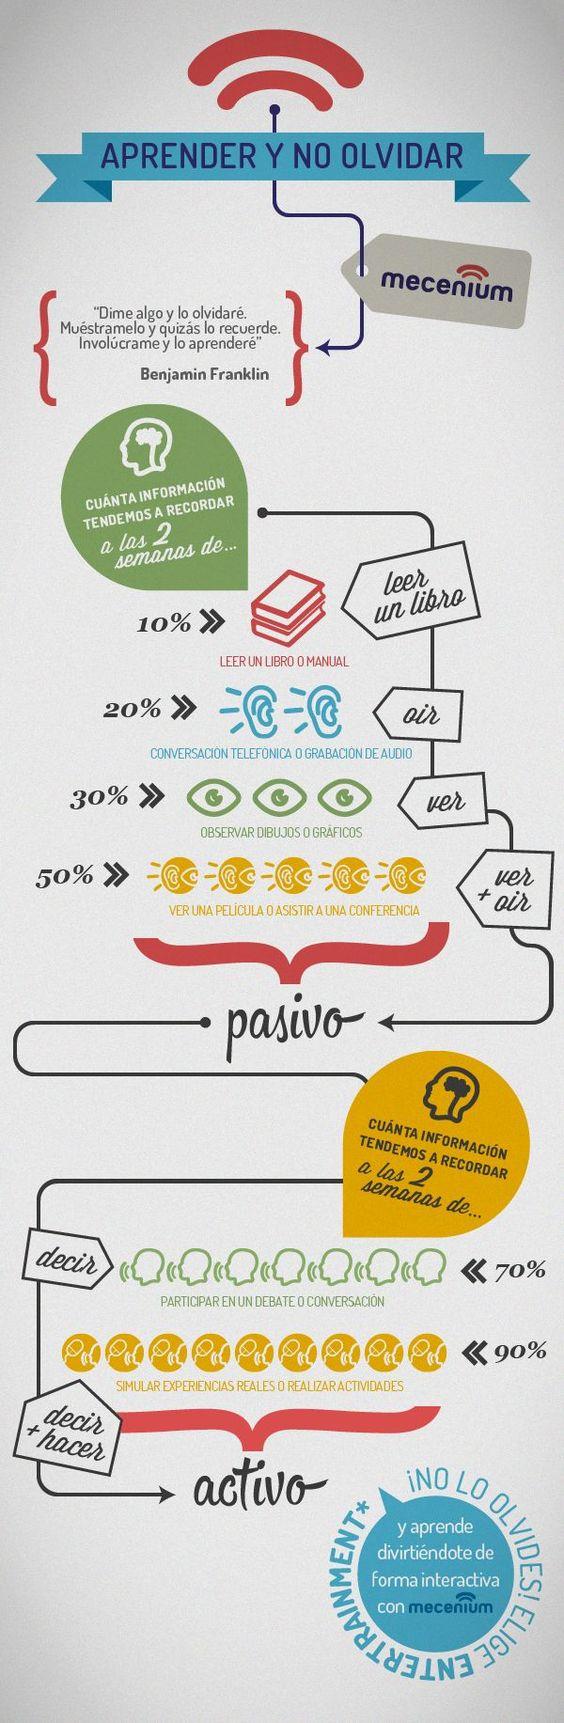 Aprender e non esquecer ~ Orientación en Galicia: